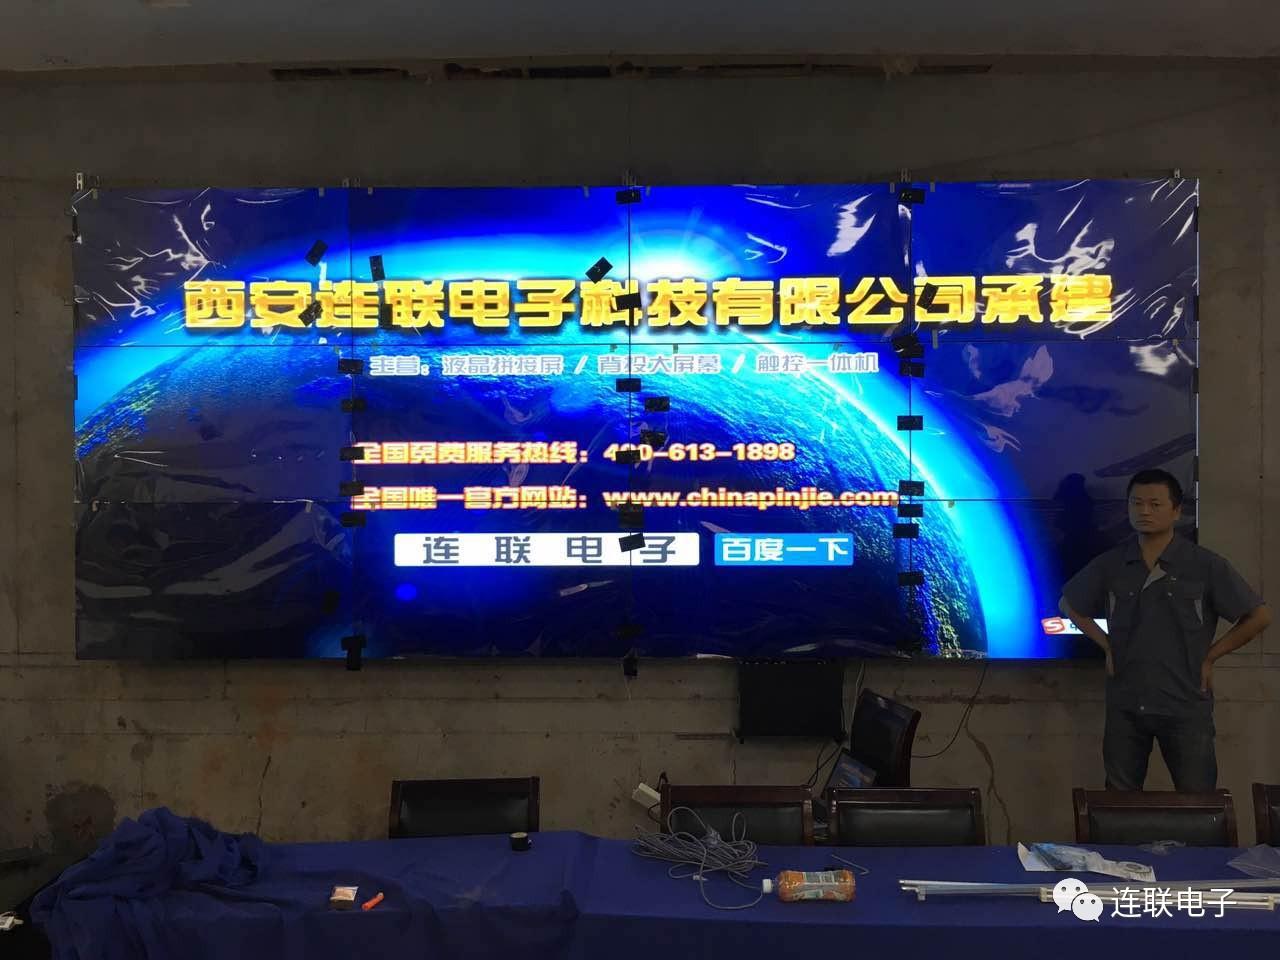 连联电子55寸液晶拼接屏使用于教学项目中